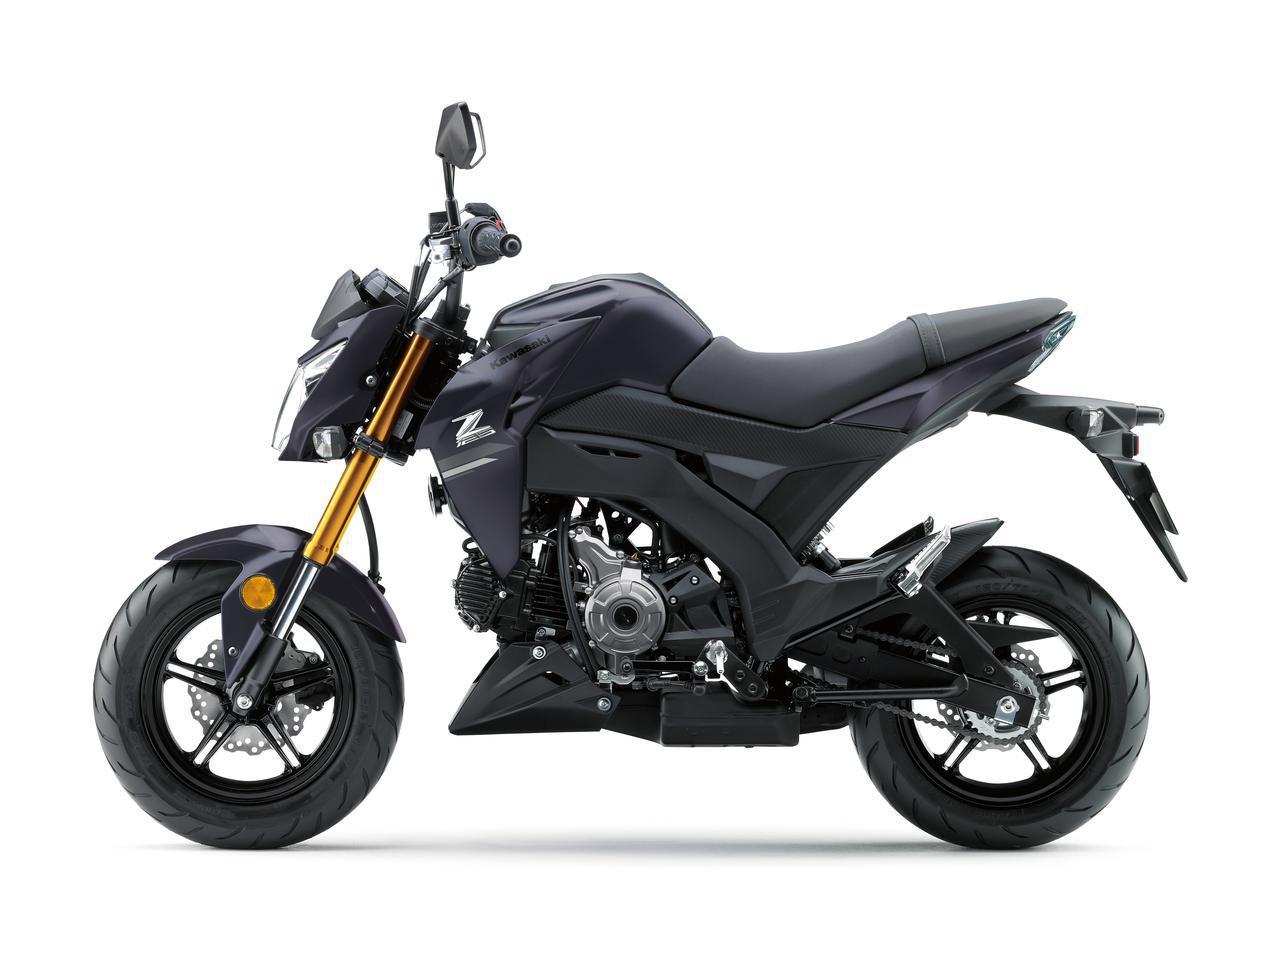 画像3: これが最後!? カワサキが原付二種スポーツバイク「Z125 PRO」の2021年モデルを発表!